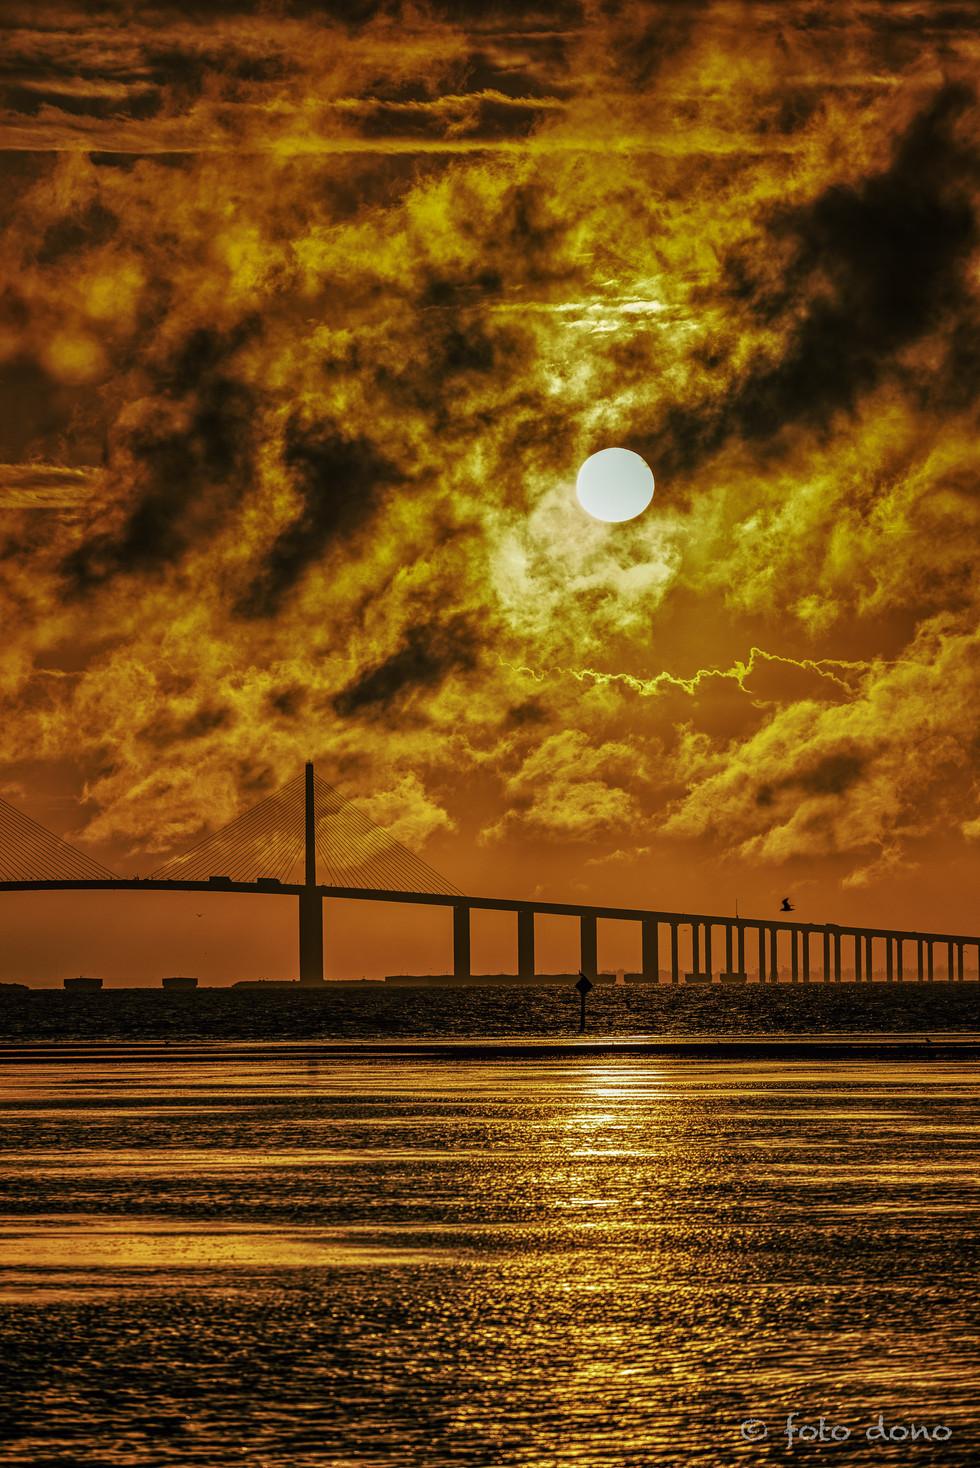 Sunrise over the Sunshine Skyway Bridge